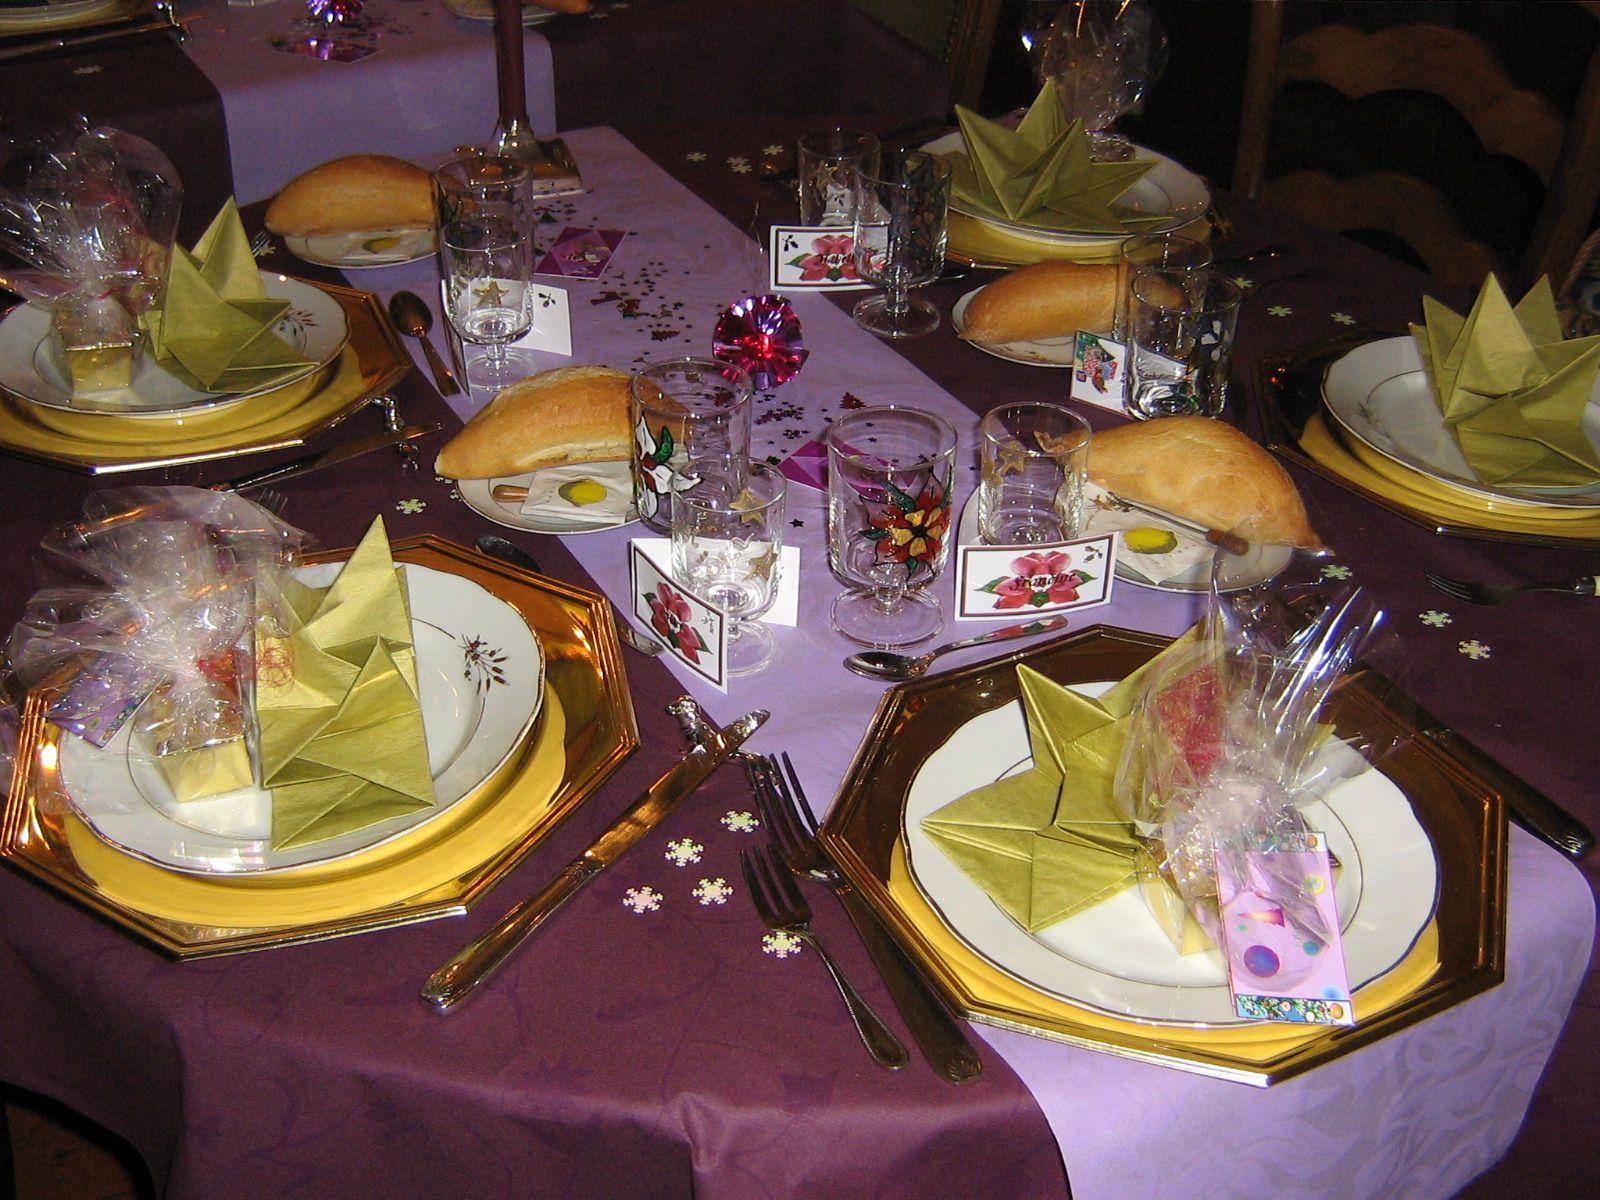 Decoration de table pour f te - Decoration table de fete ...